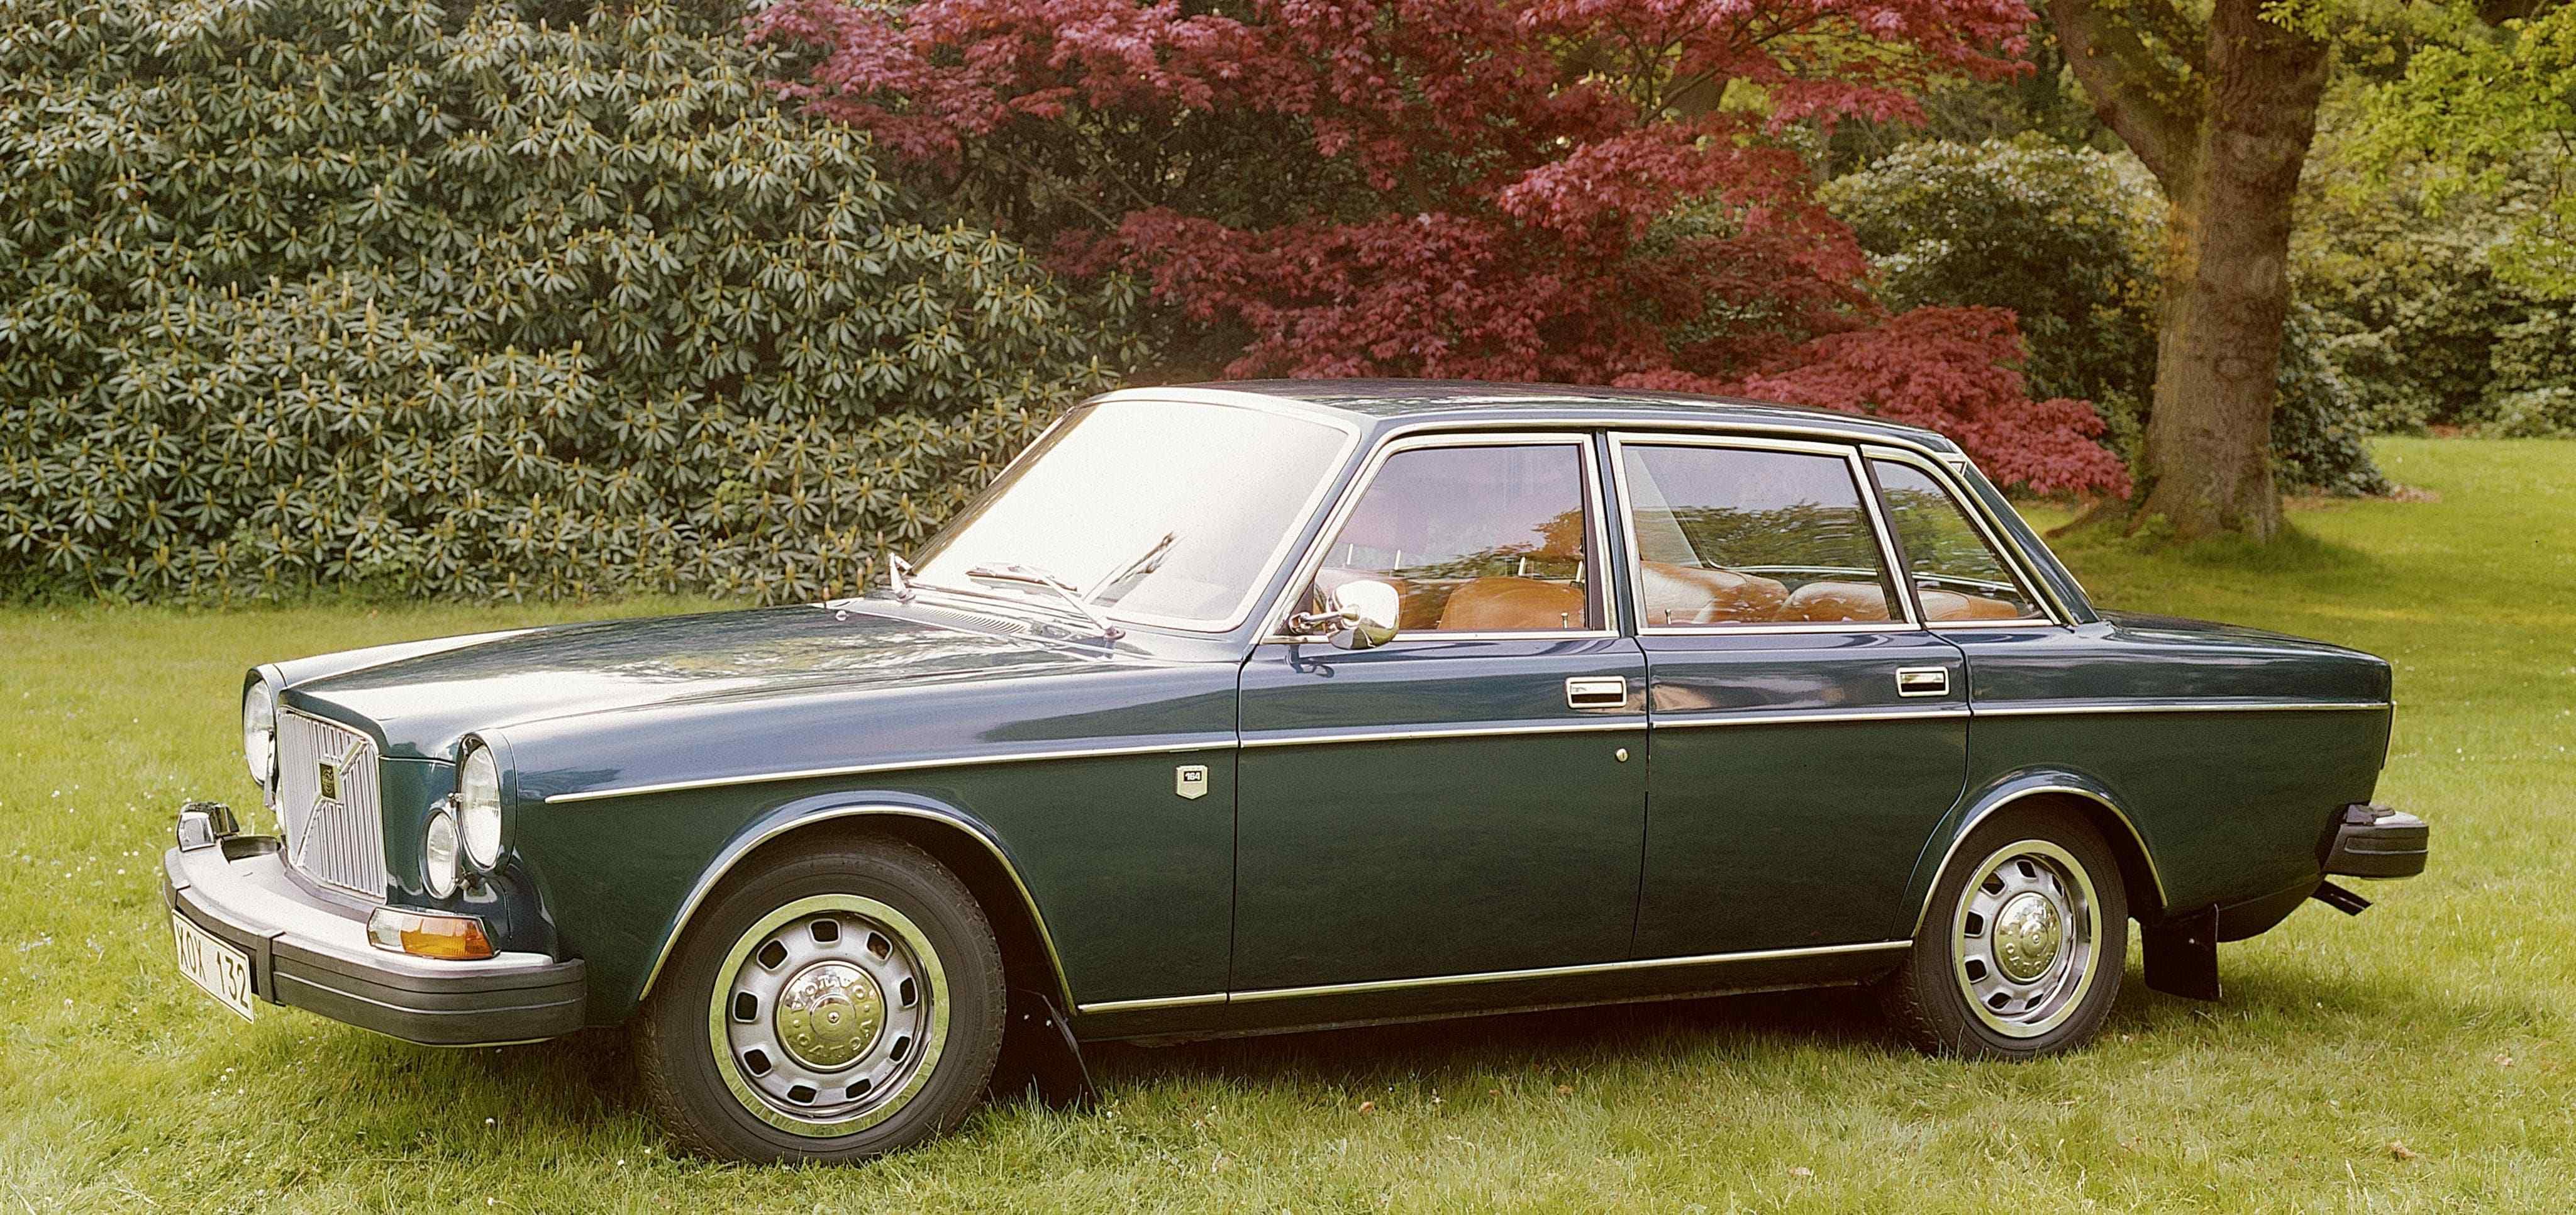 Un Volvo 164 de color verde aparcado en el cesped